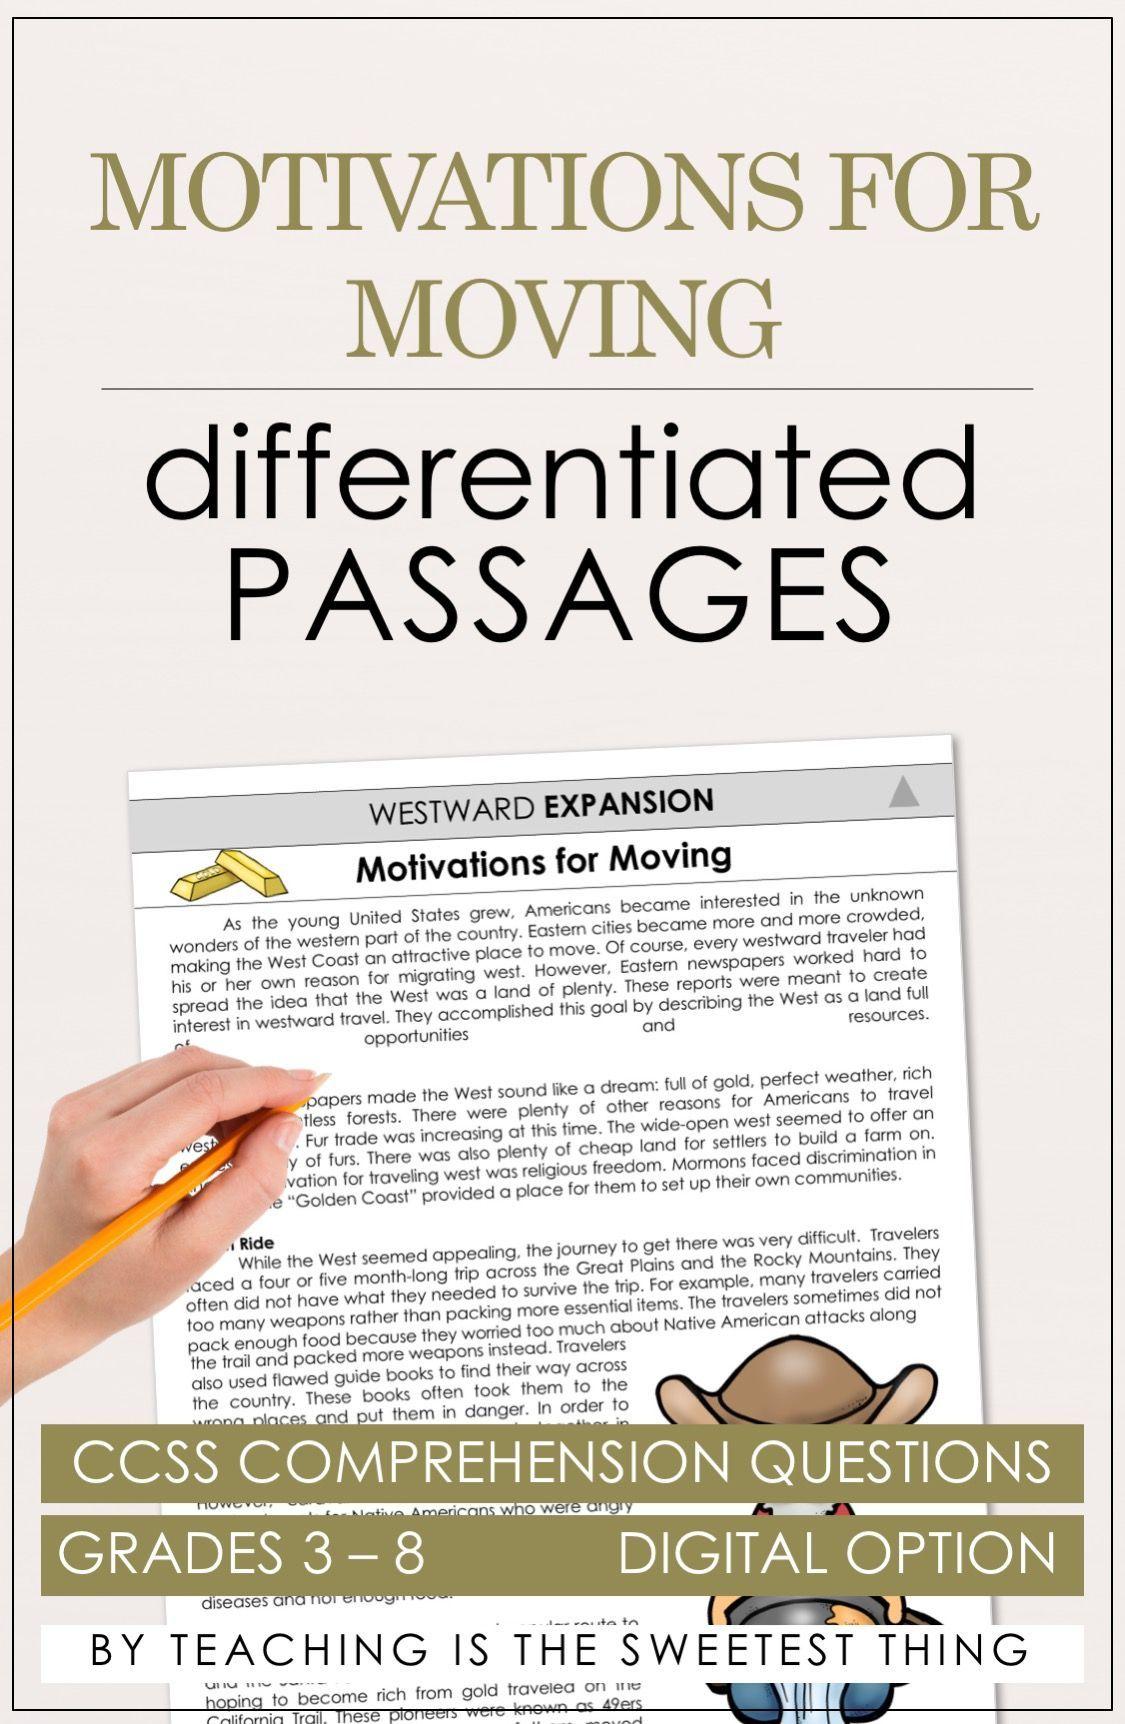 Westward Expansion Vol 2 Passages